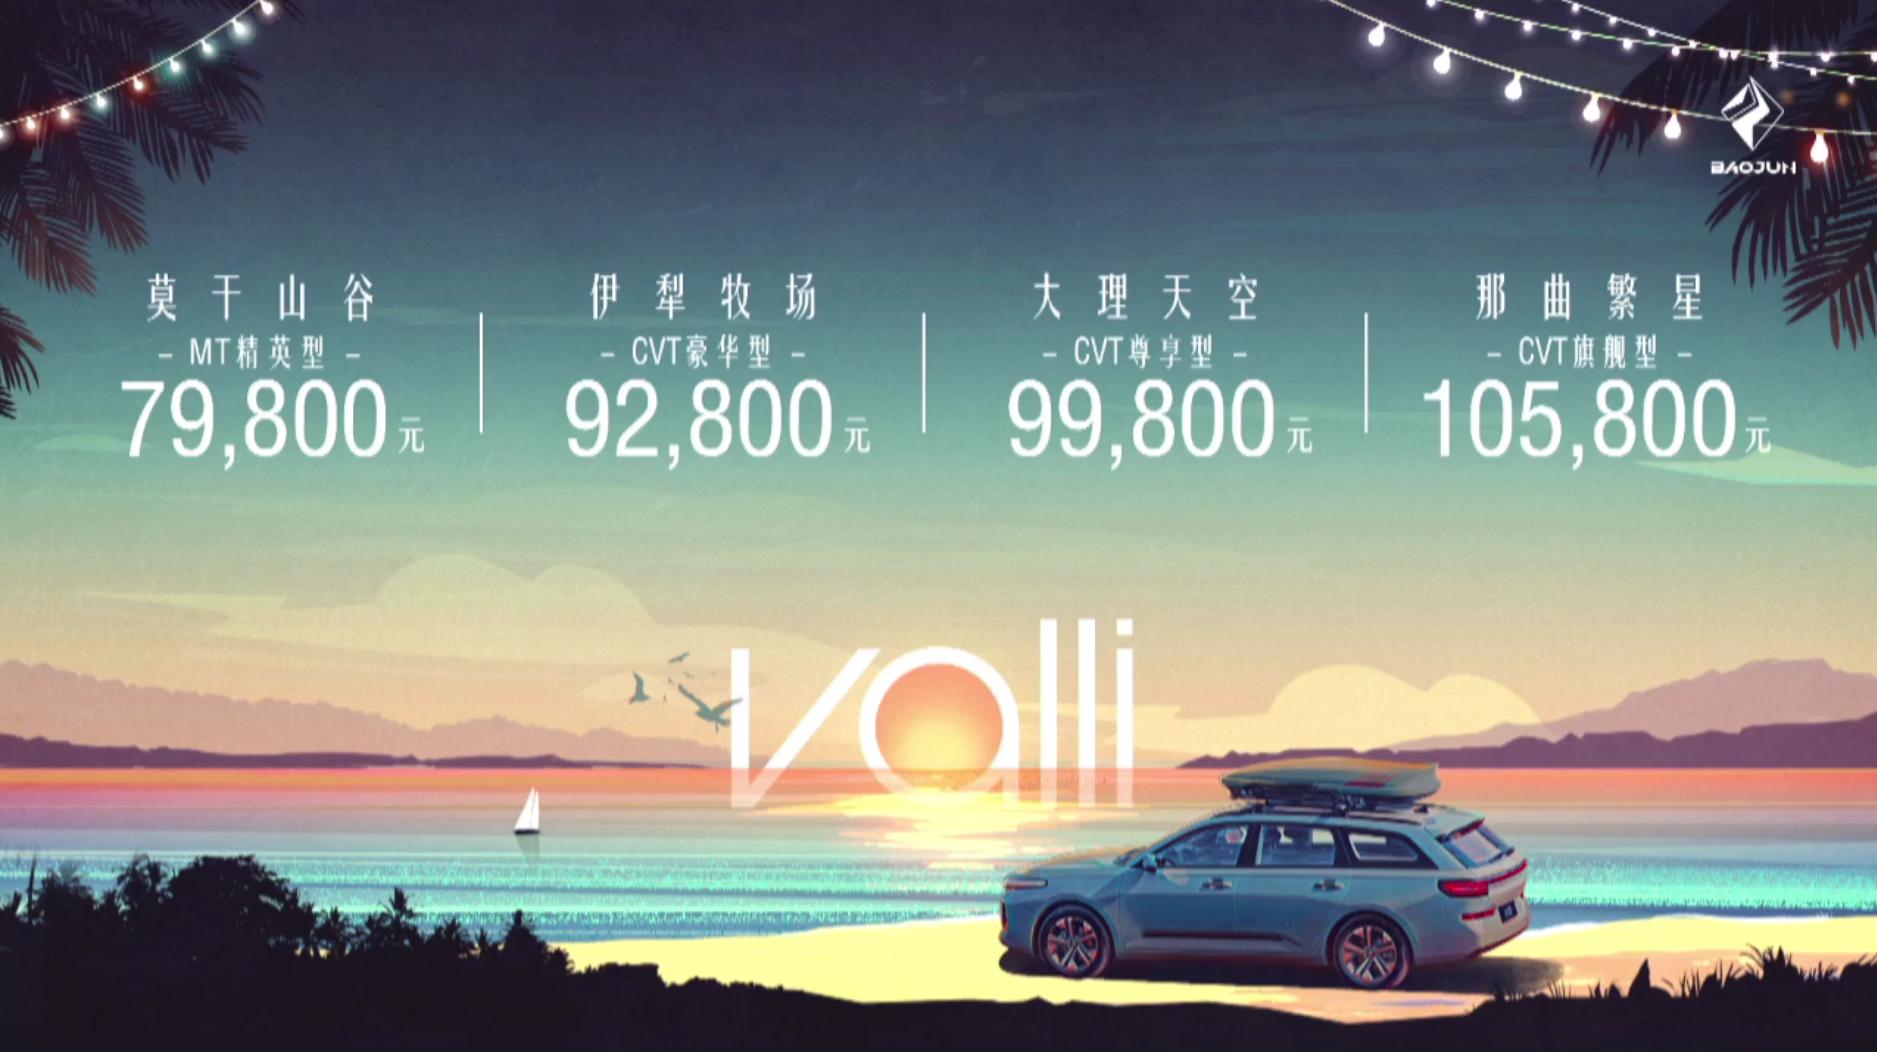 """Valli(向往)7.98万-1.58万重磅上市,""""Valli部落-向往的生活""""同步起航,车主共创尽享""""向往5+2""""美好"""